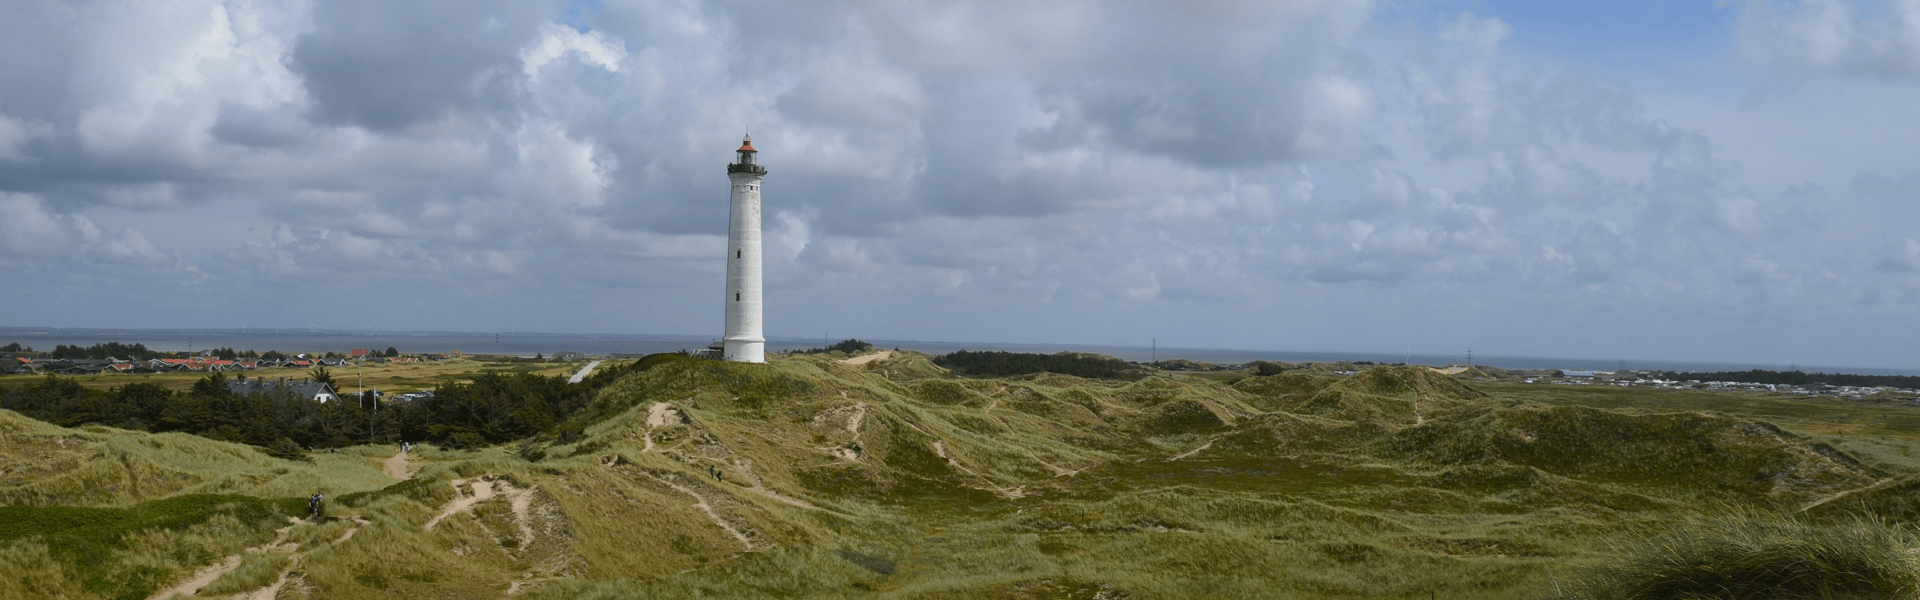 Vuurtoren in Denemarken. Denemarken is een perfect land voor een campervakantie.